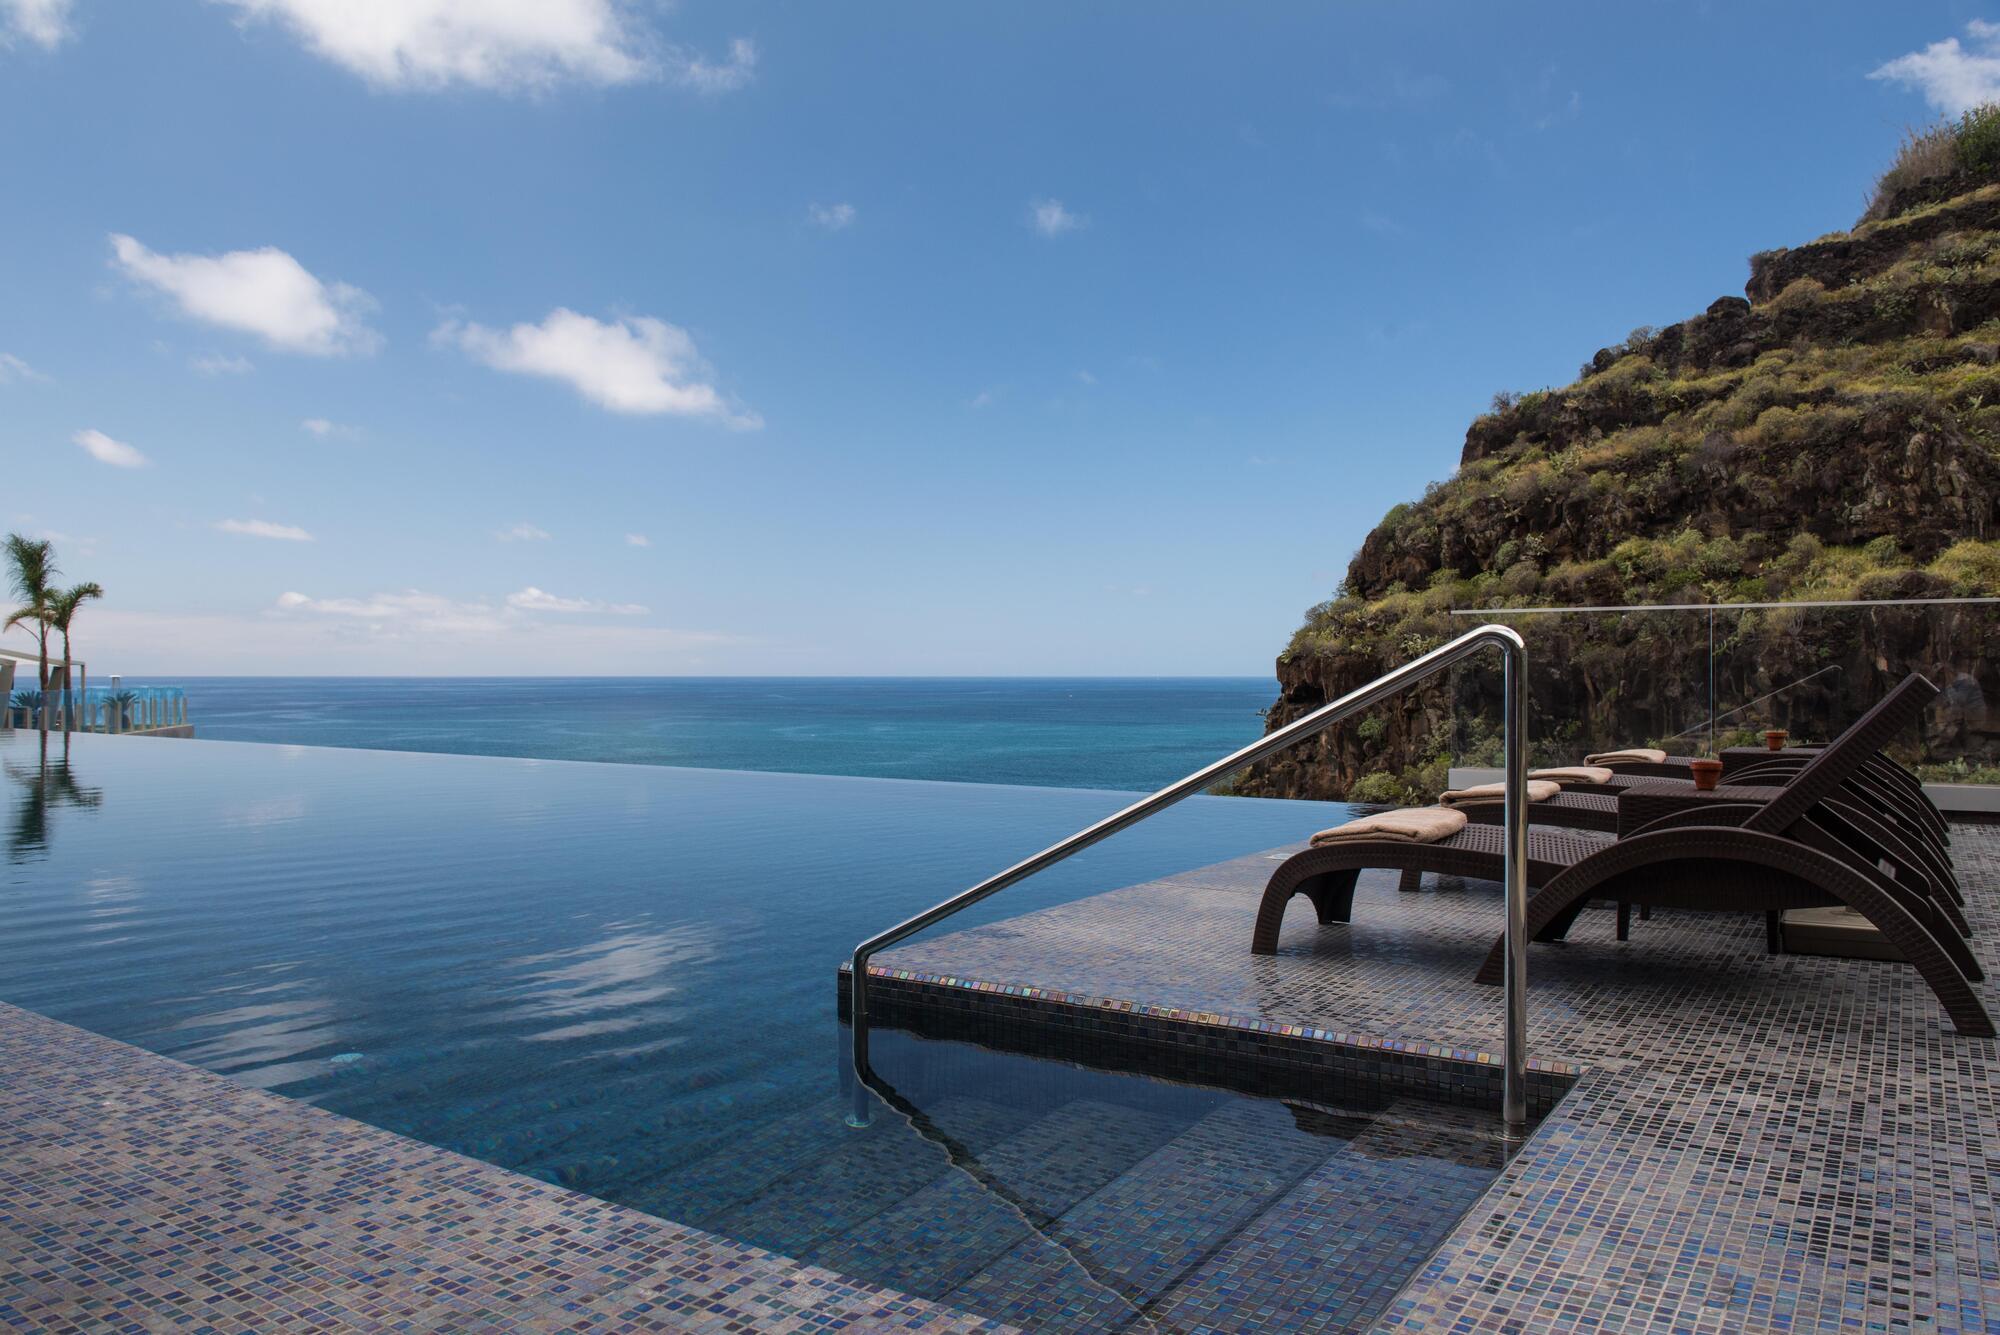 Saccharum Resort And Spa, Calheta, Madeira Image 8